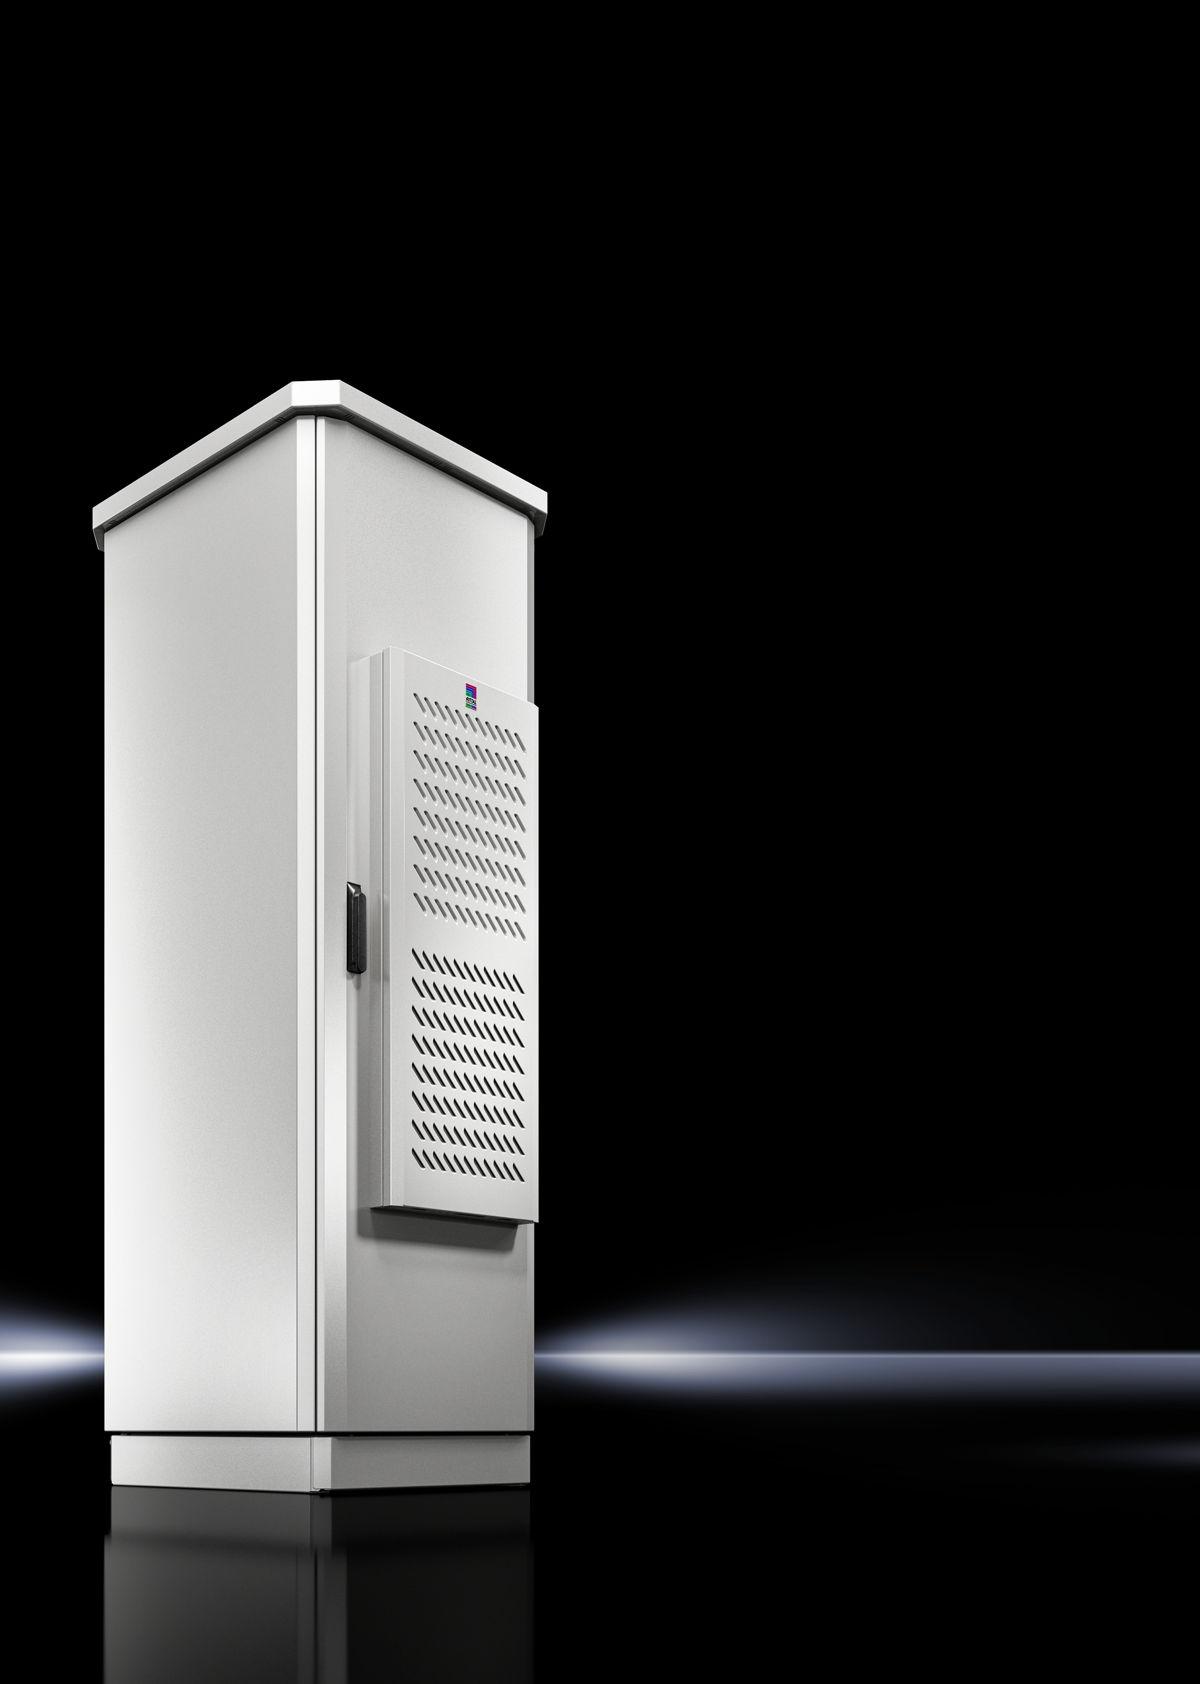 Blue e+ outdoor koelunits en Toptec buitenbehuizingen van Rittal